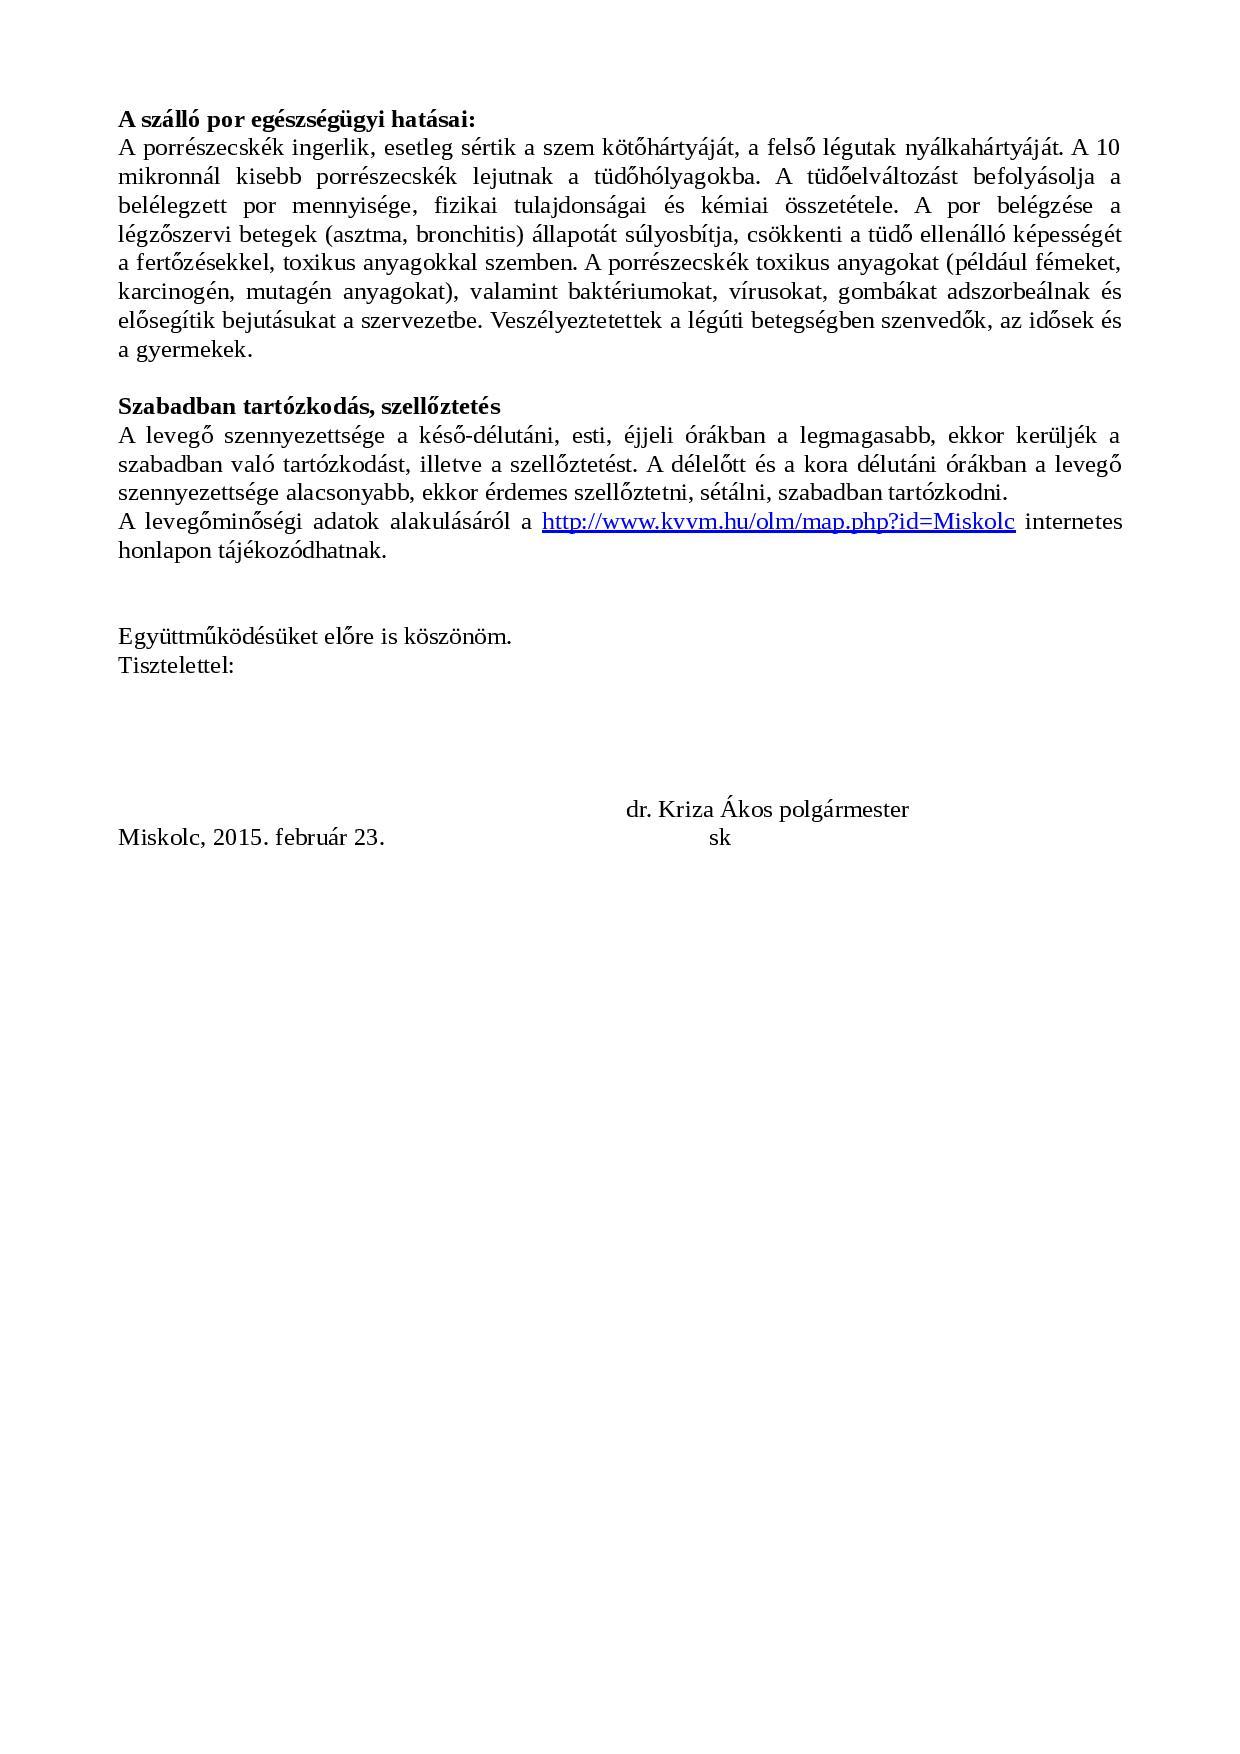 01 Fustkodriado tájékoztatasi fokozat elrendelése 2015 02 23-page-002